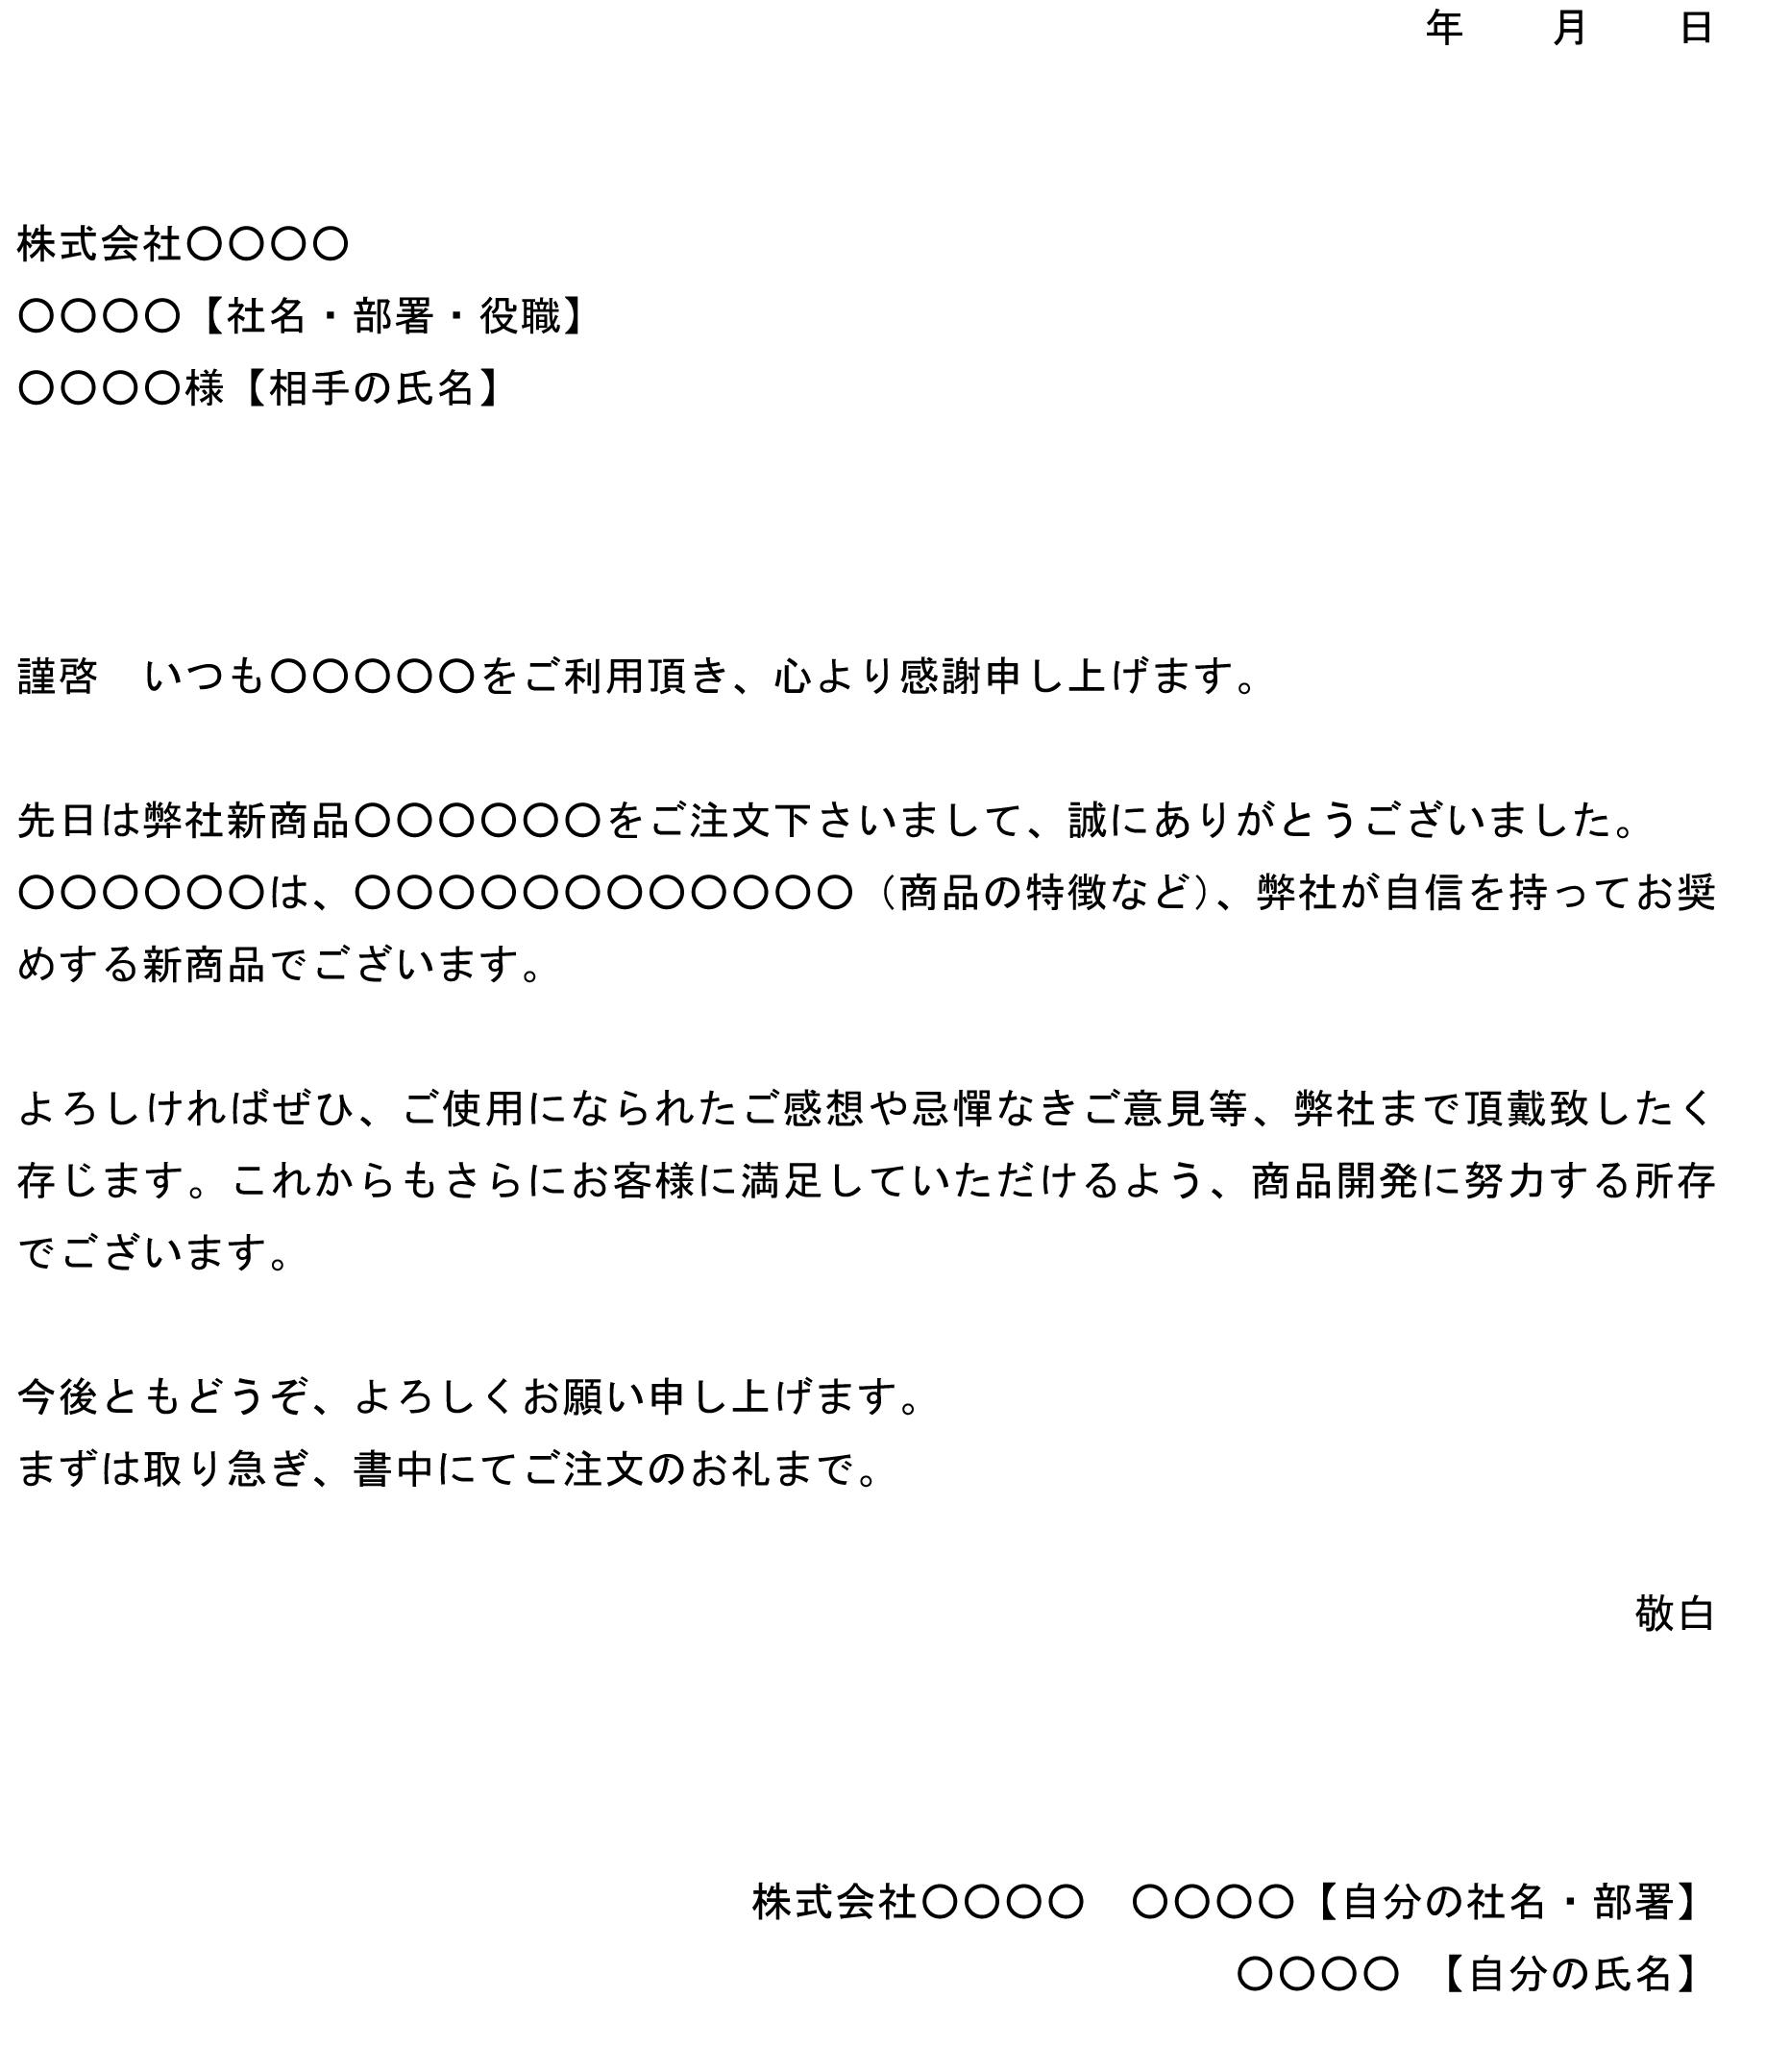 お礼状(新商品注文)